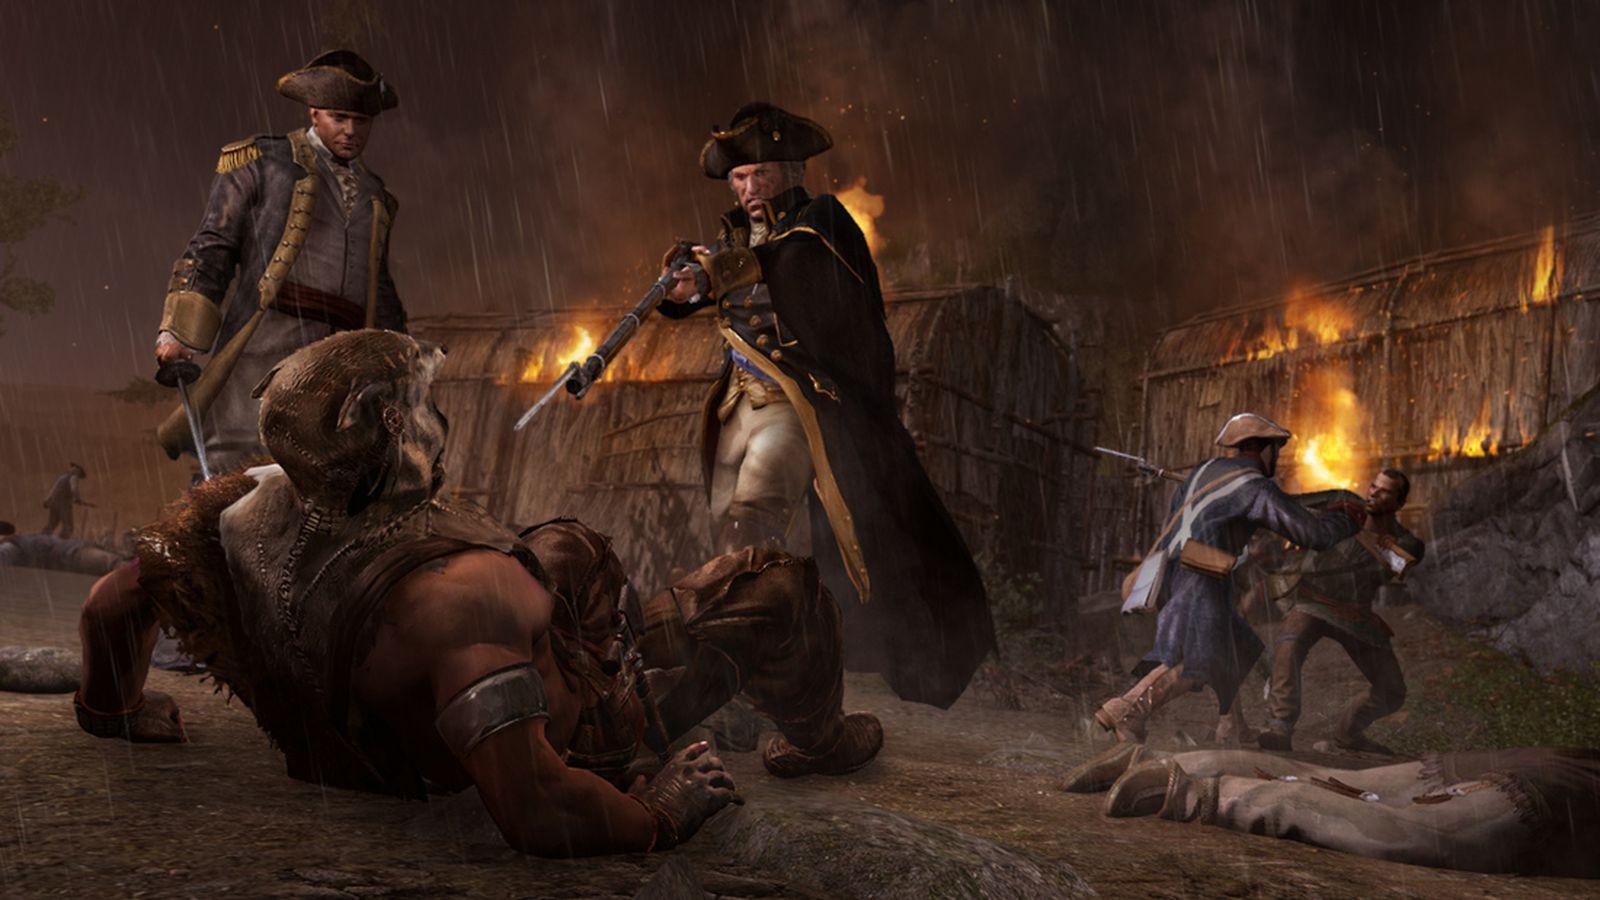 Assassin's Creed 3: Tyranny of King Washington trailer